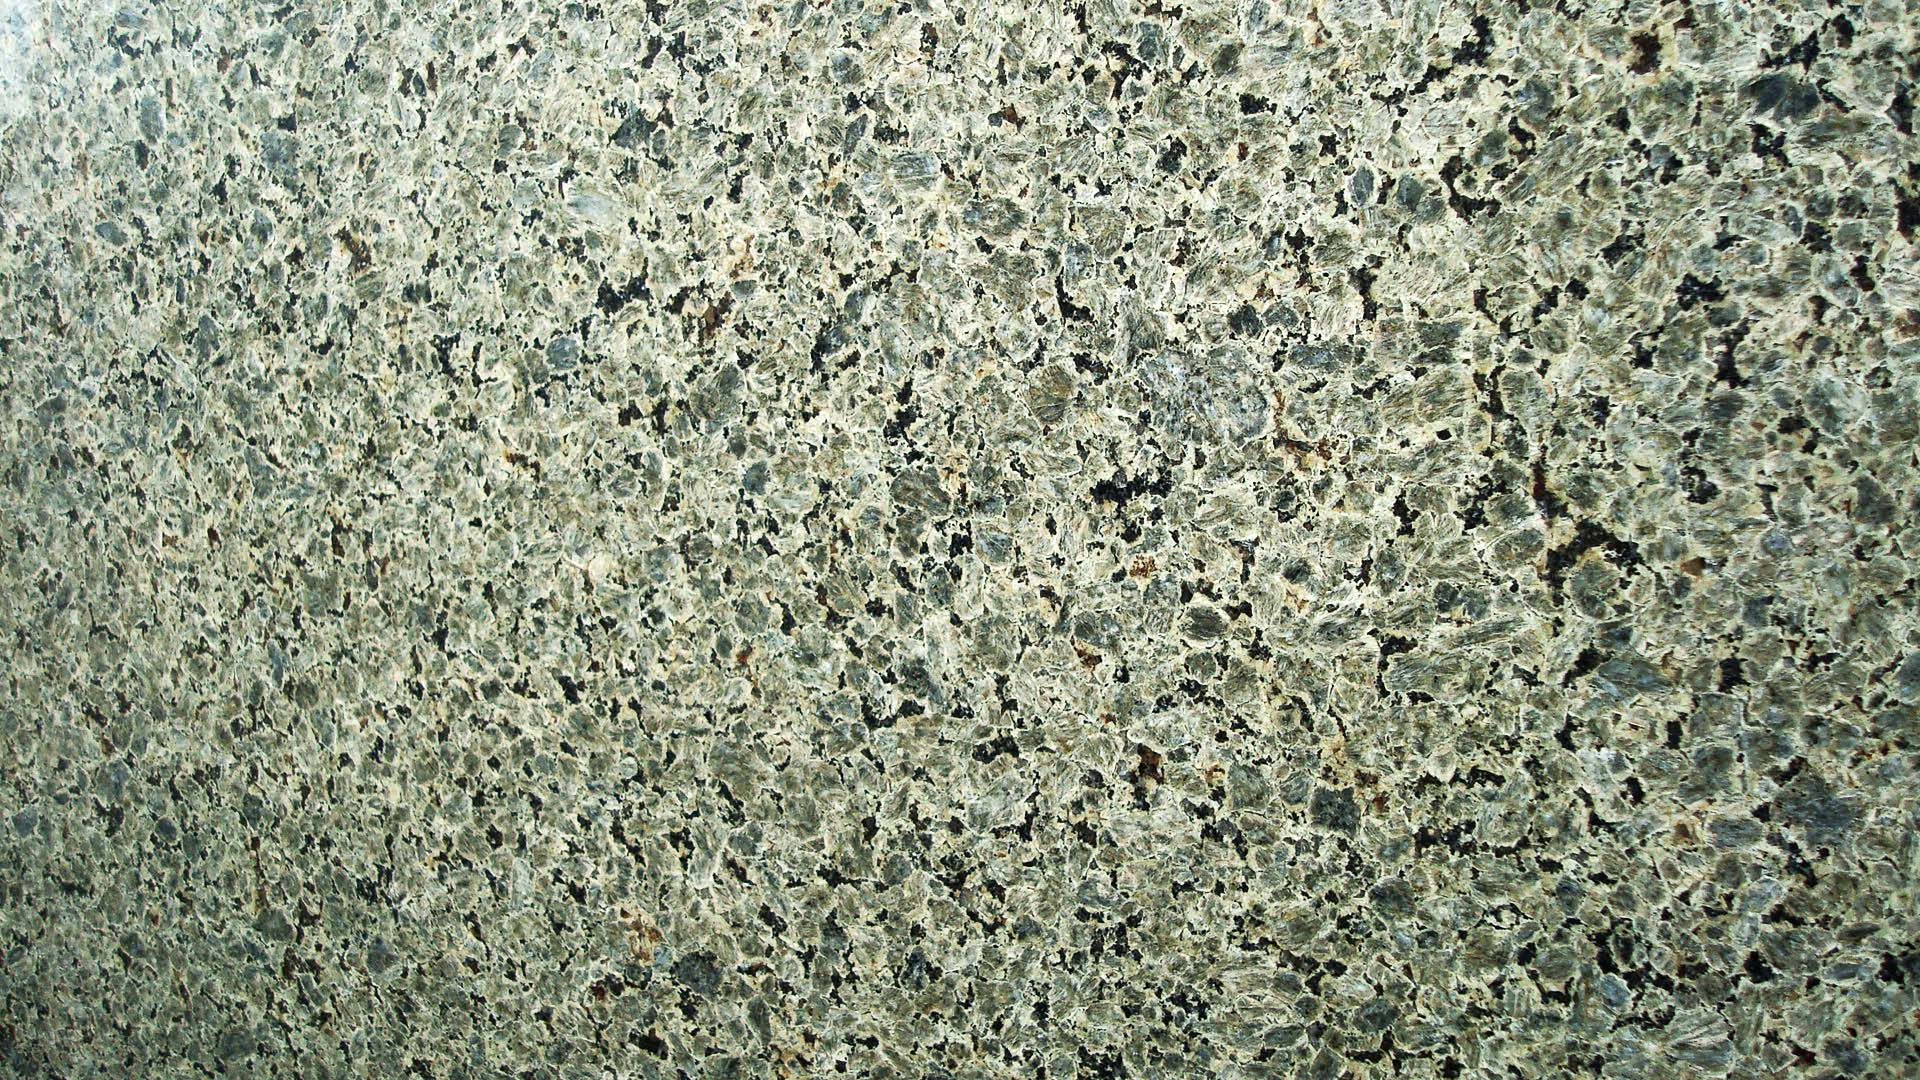 Cactus/New Tunis, Basic B Granite